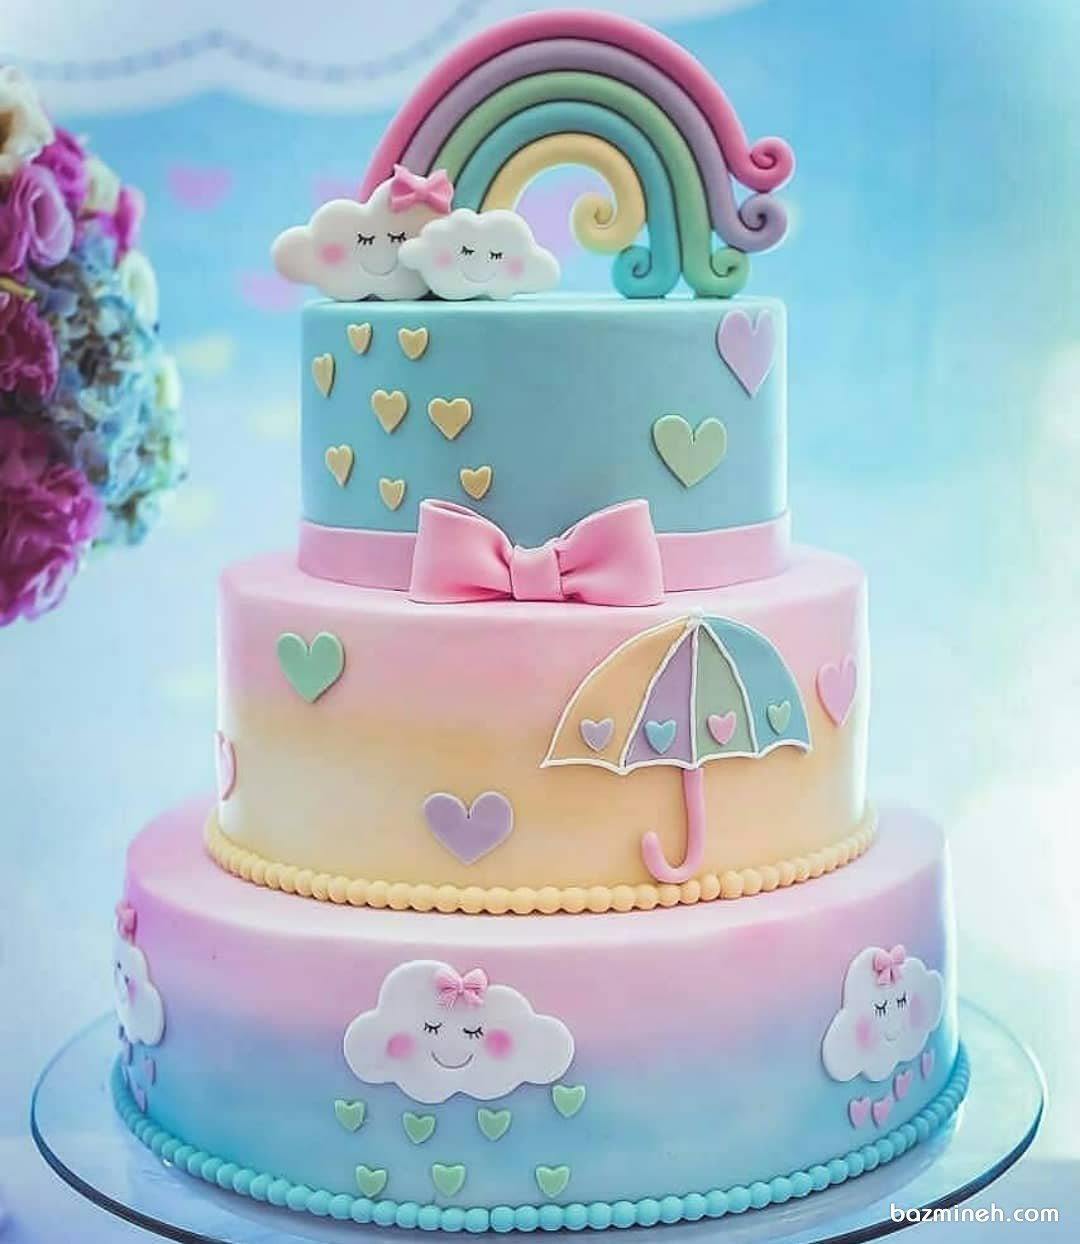 کیک فانتزی جشن تولد دخترانه با تم رنگین کمان